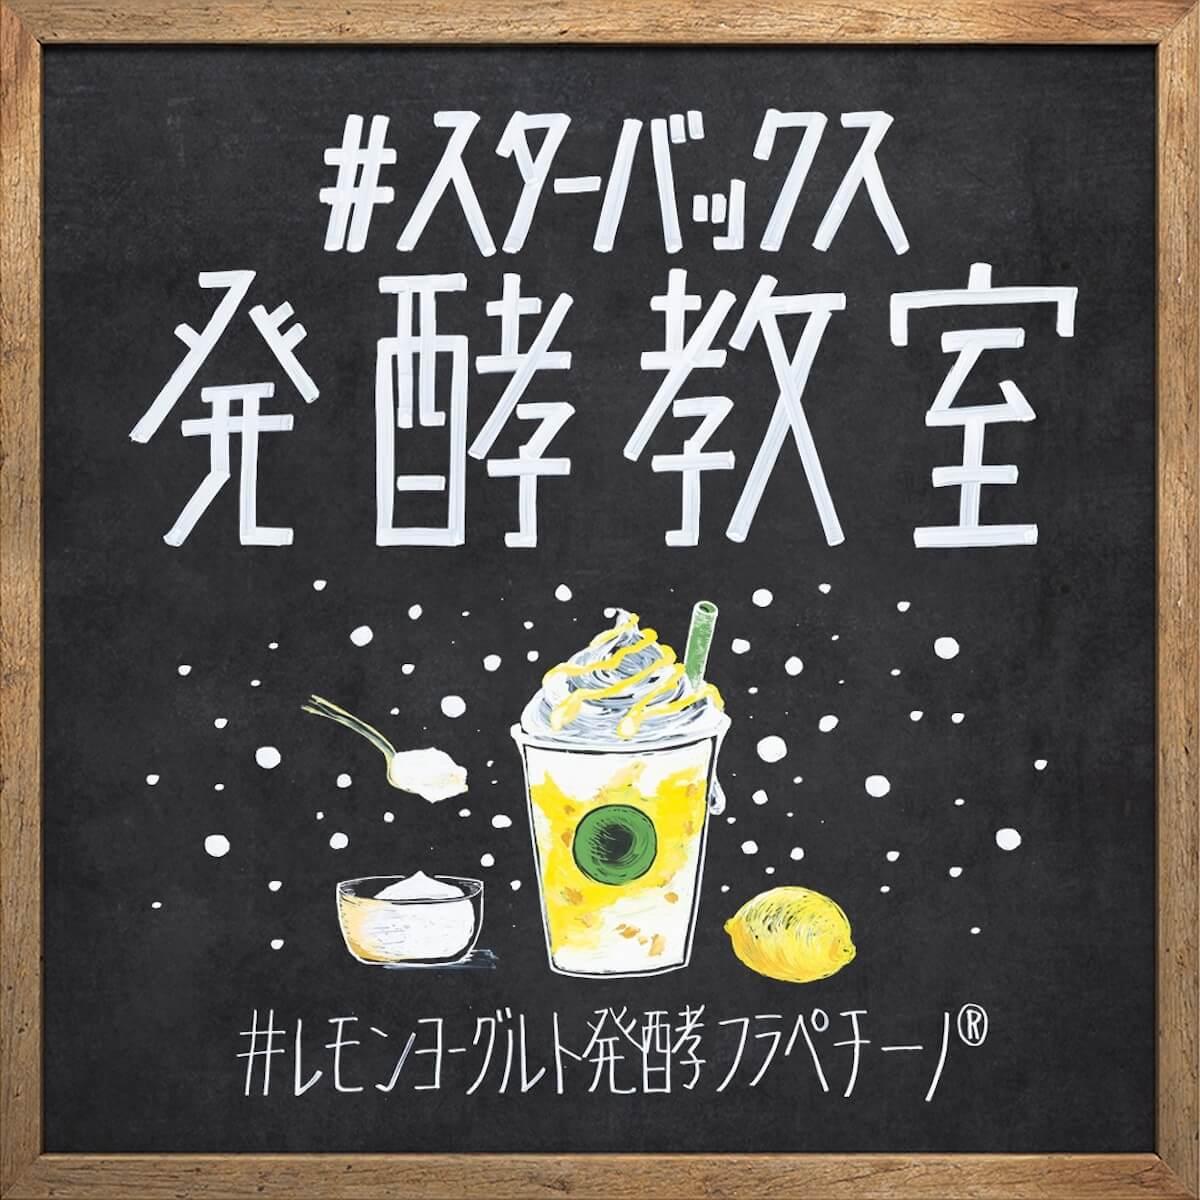 スターバックス初!3つの発酵素材を使用した「レモン ヨーグルト 発酵フラペチーノ」新登場 gourmet190612starbucks-hakkou-frappuccino_info